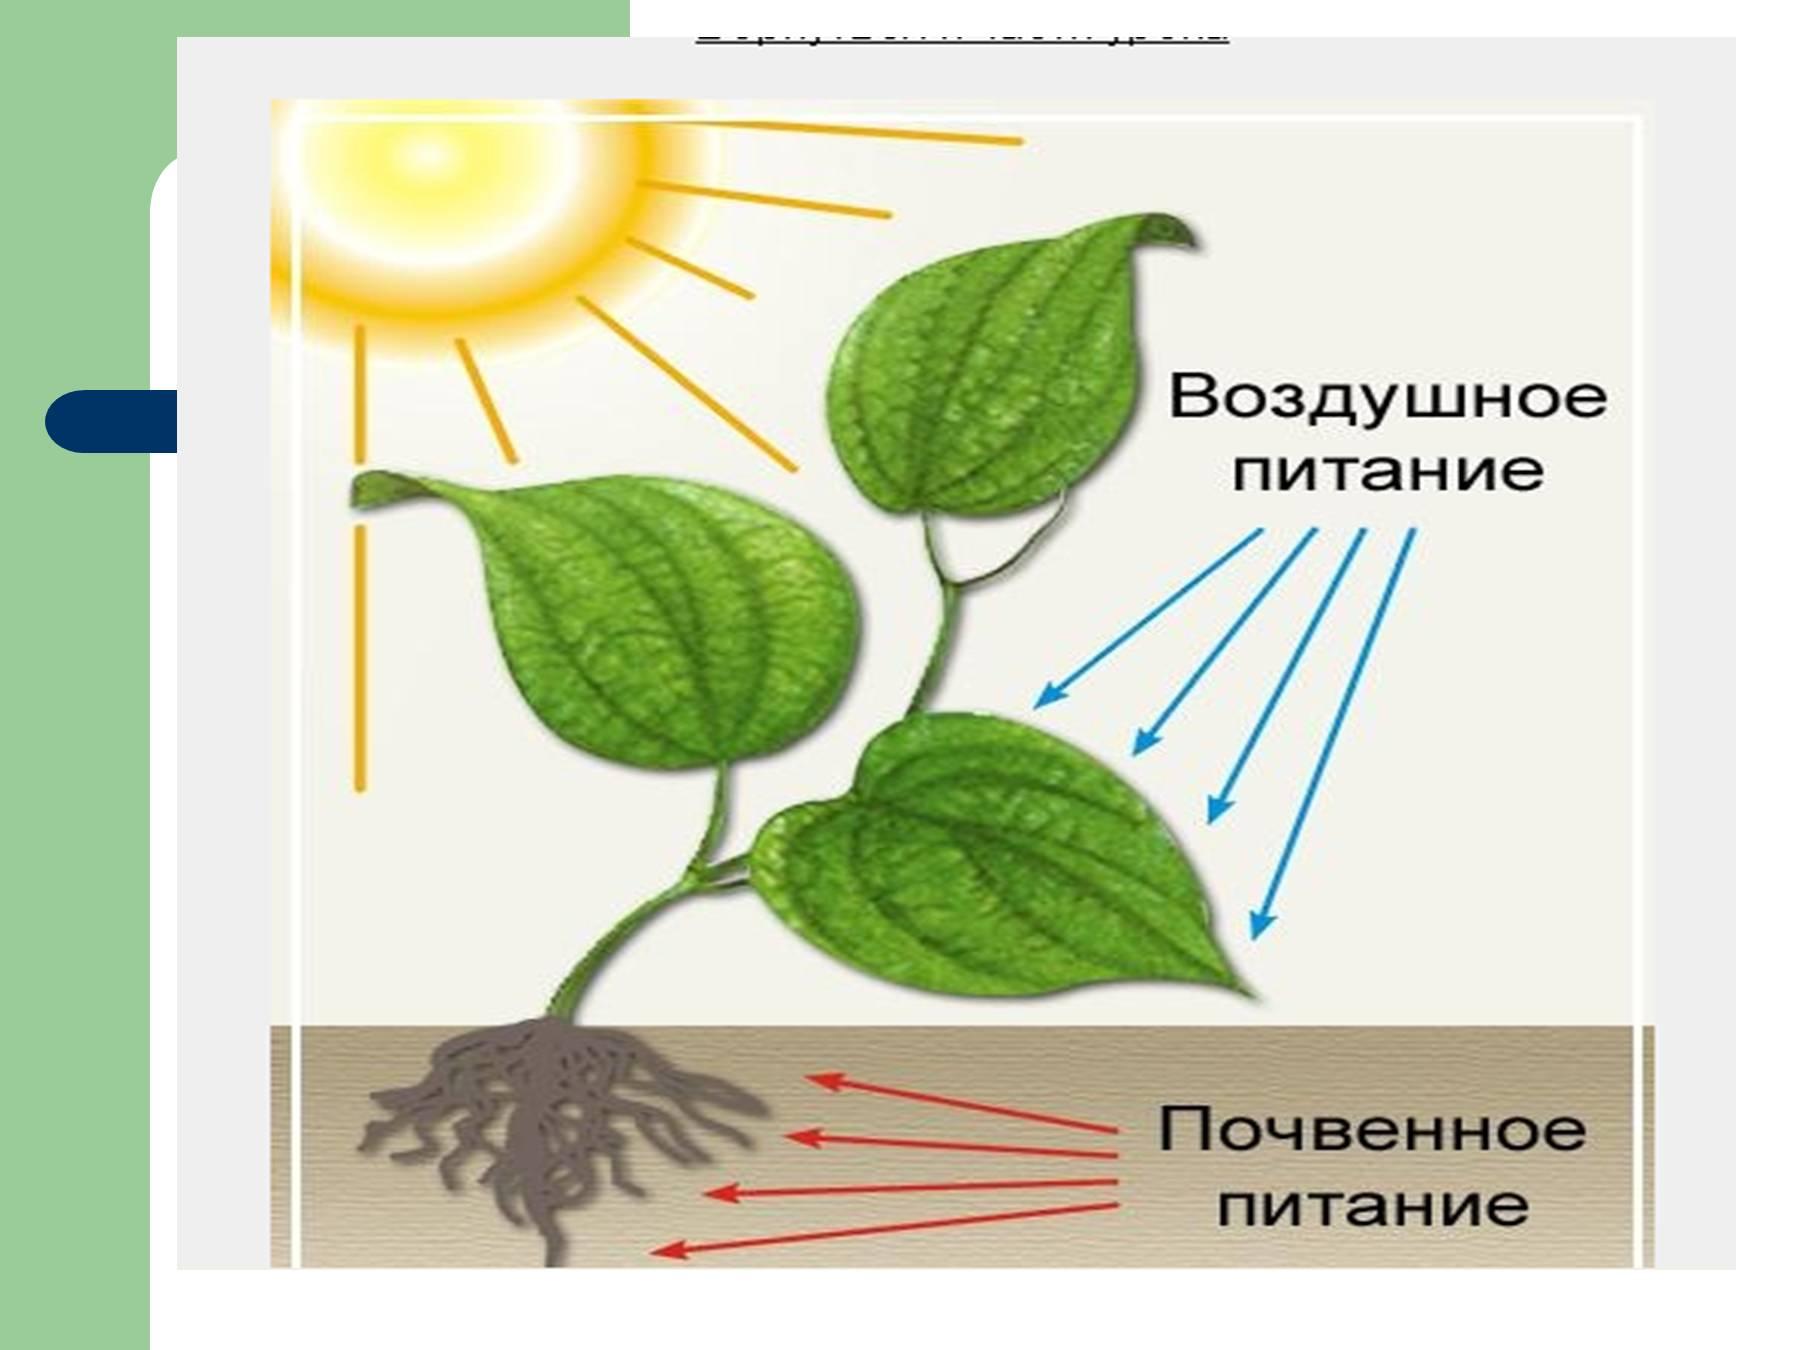 Чем и как питаются растения картинки